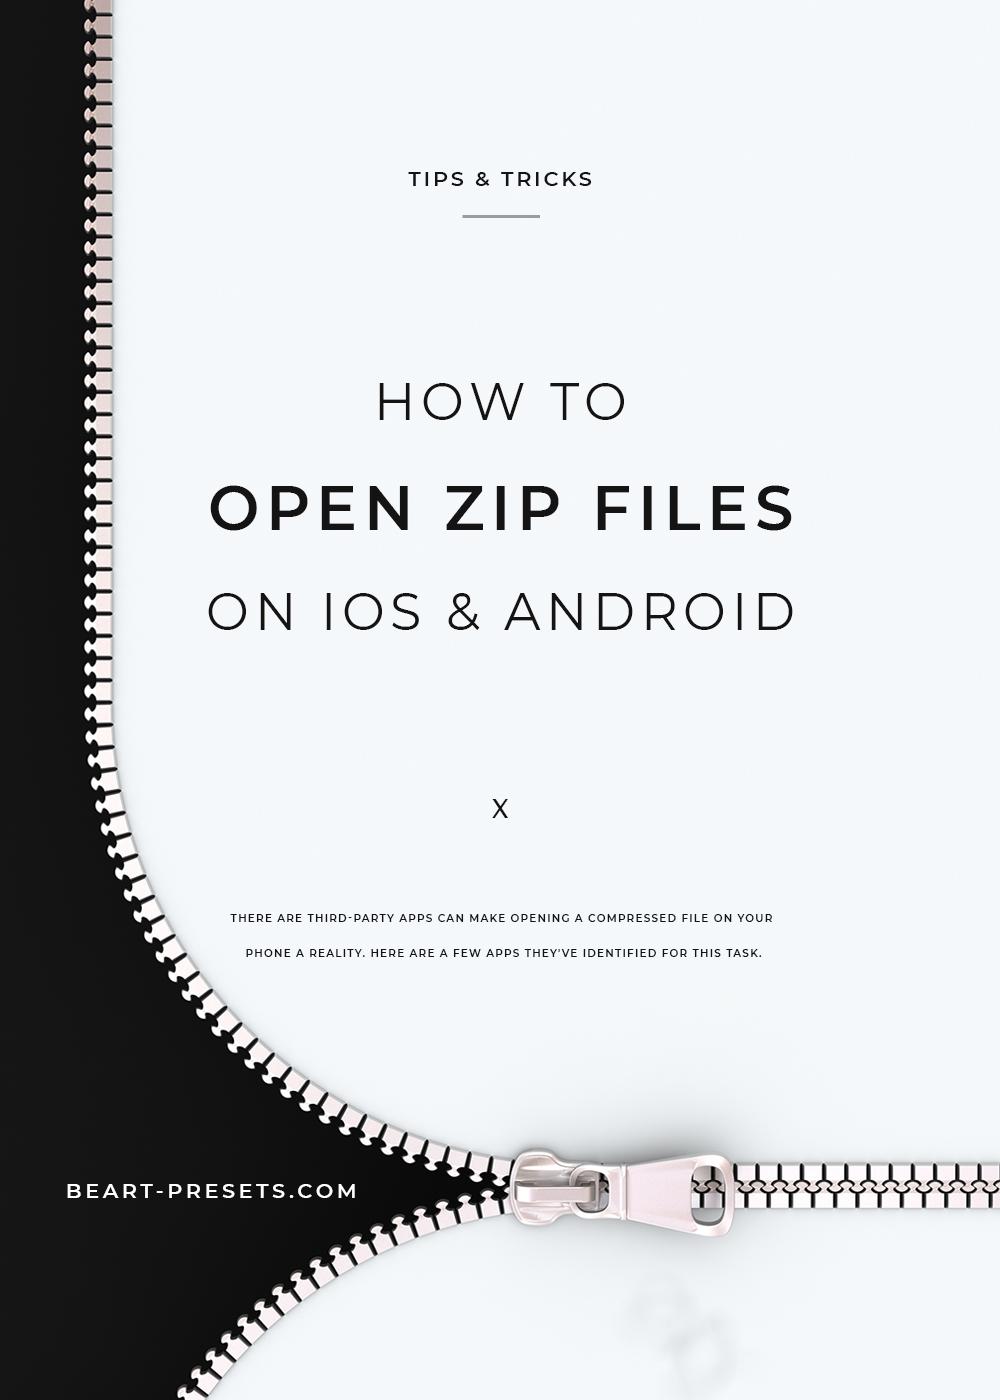 open zip files.jpg